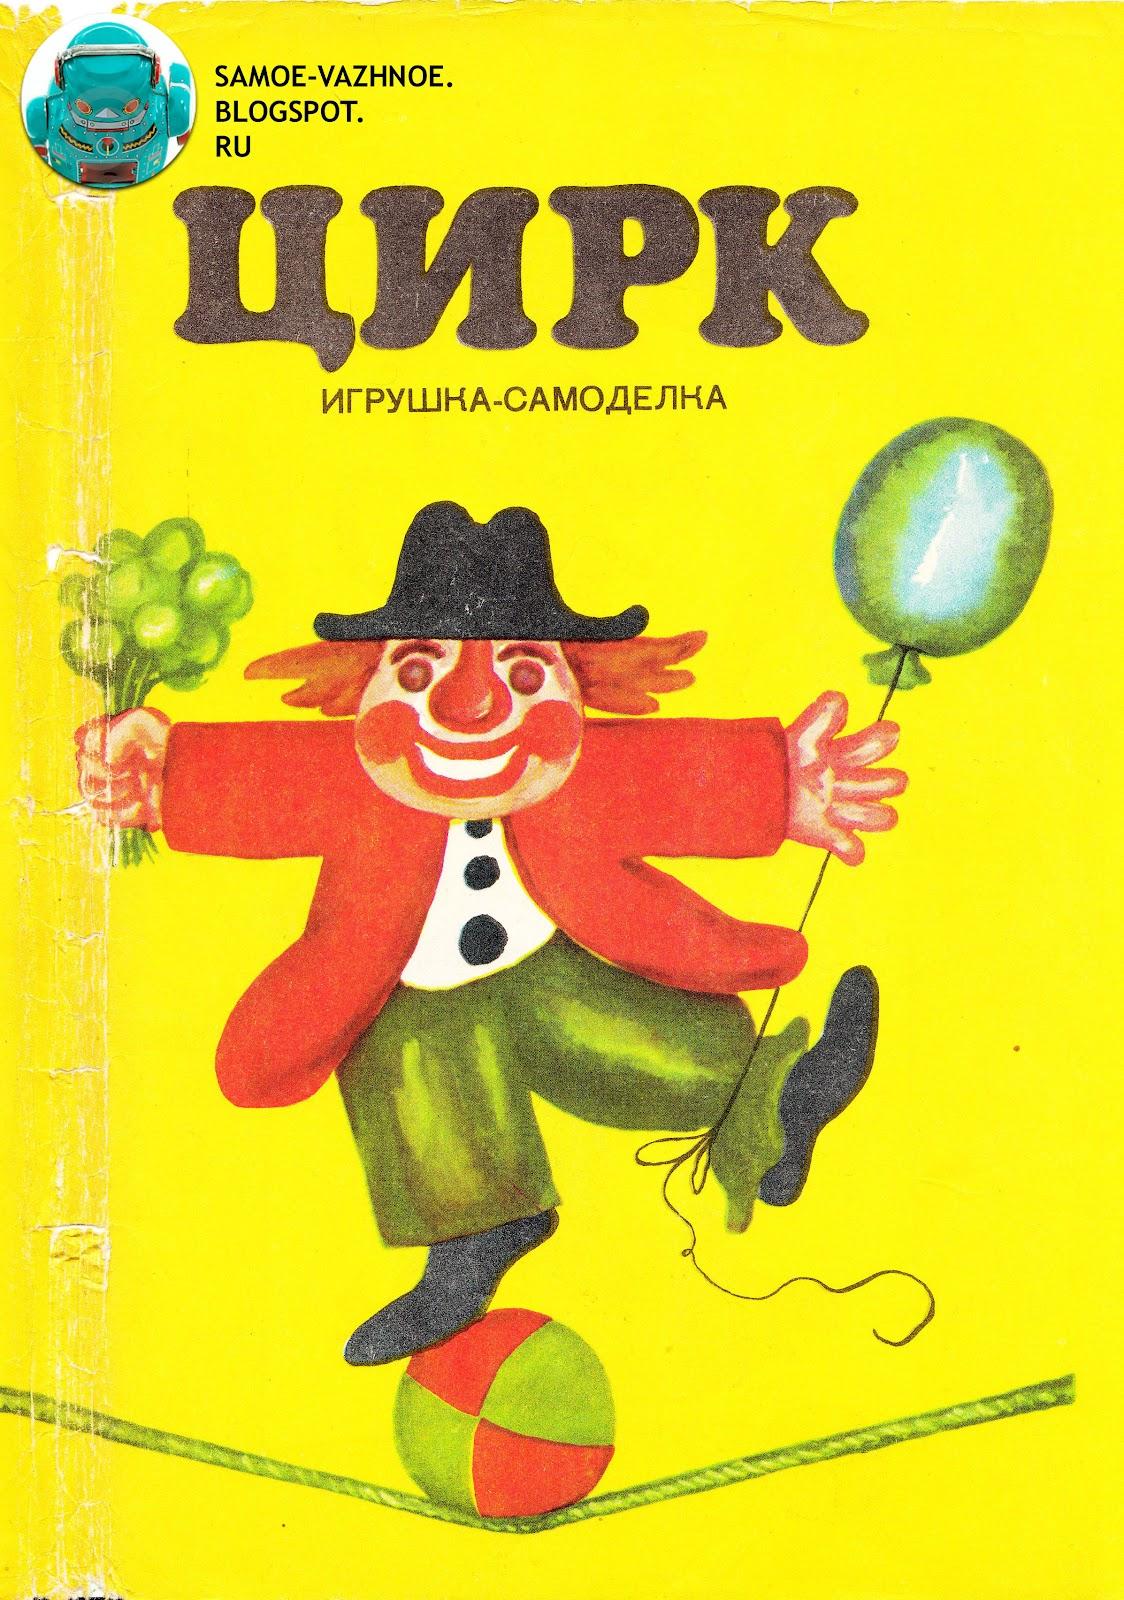 Игрушка-самоделка Цирк СССР колун с цветами жёлтая обложка